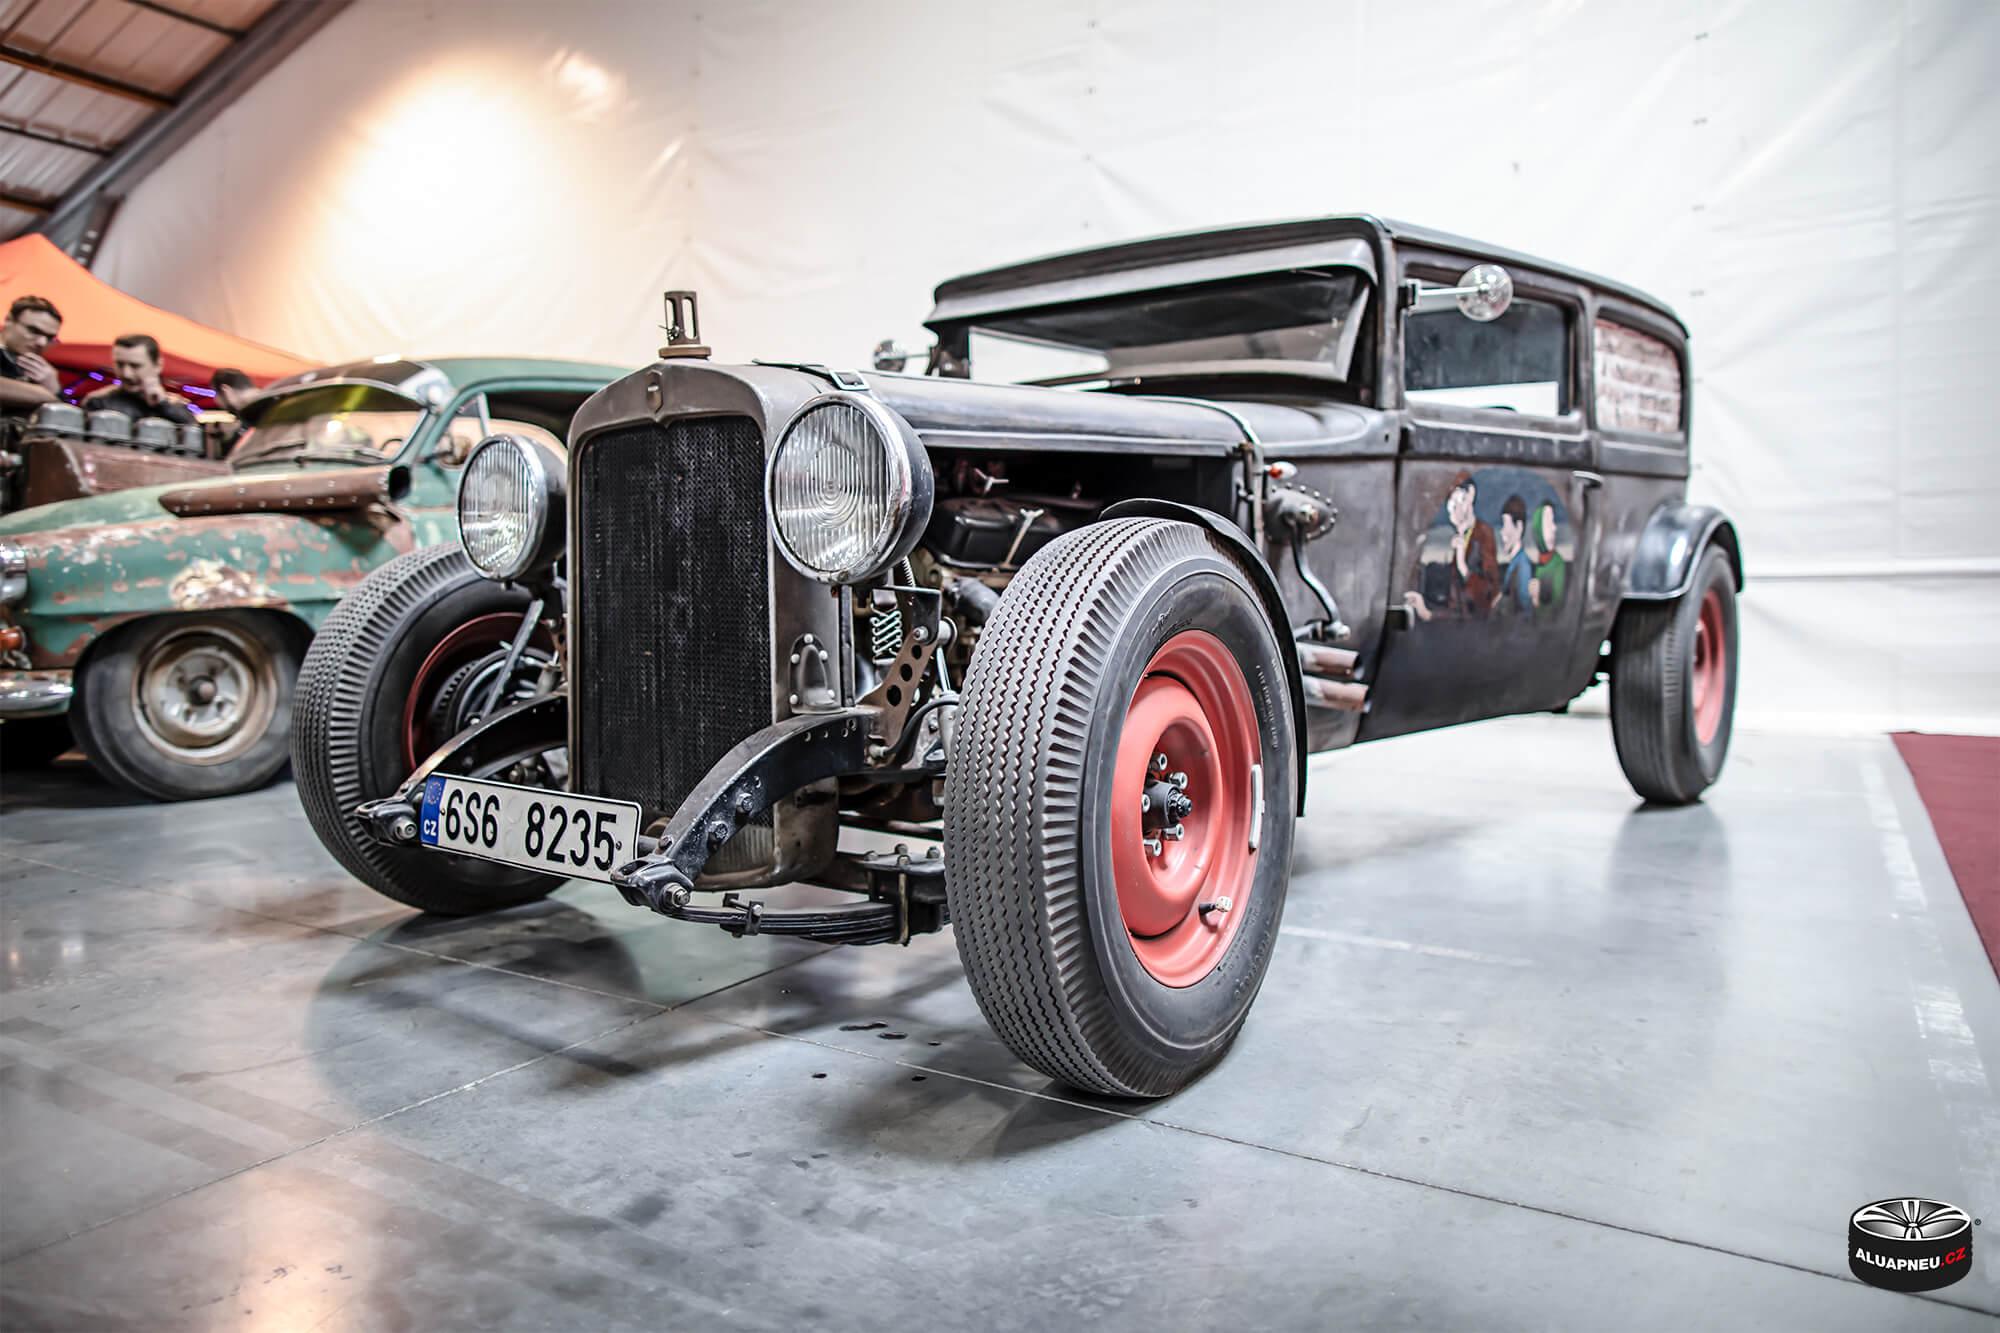 Oldschool cars - Autosalon Praha 2019 - www.aluapneu.cz